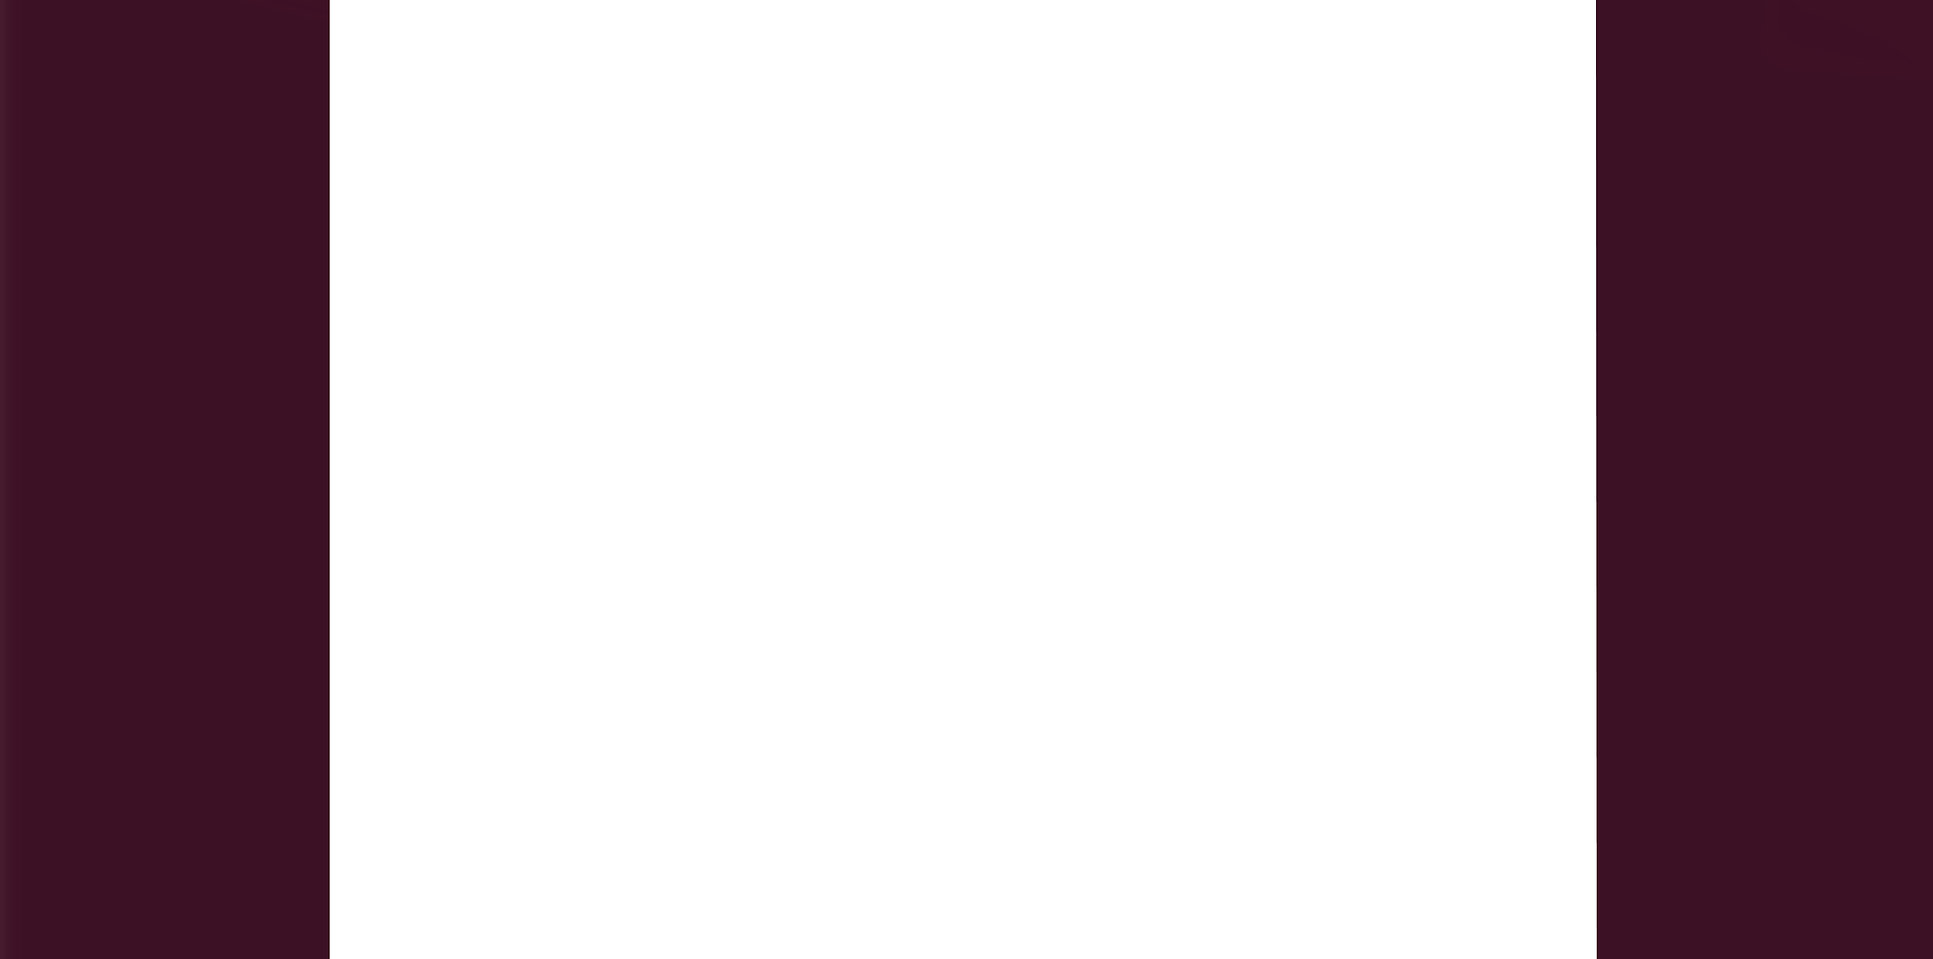 КП_Реклама в YouTube_для сайта-08.jpg